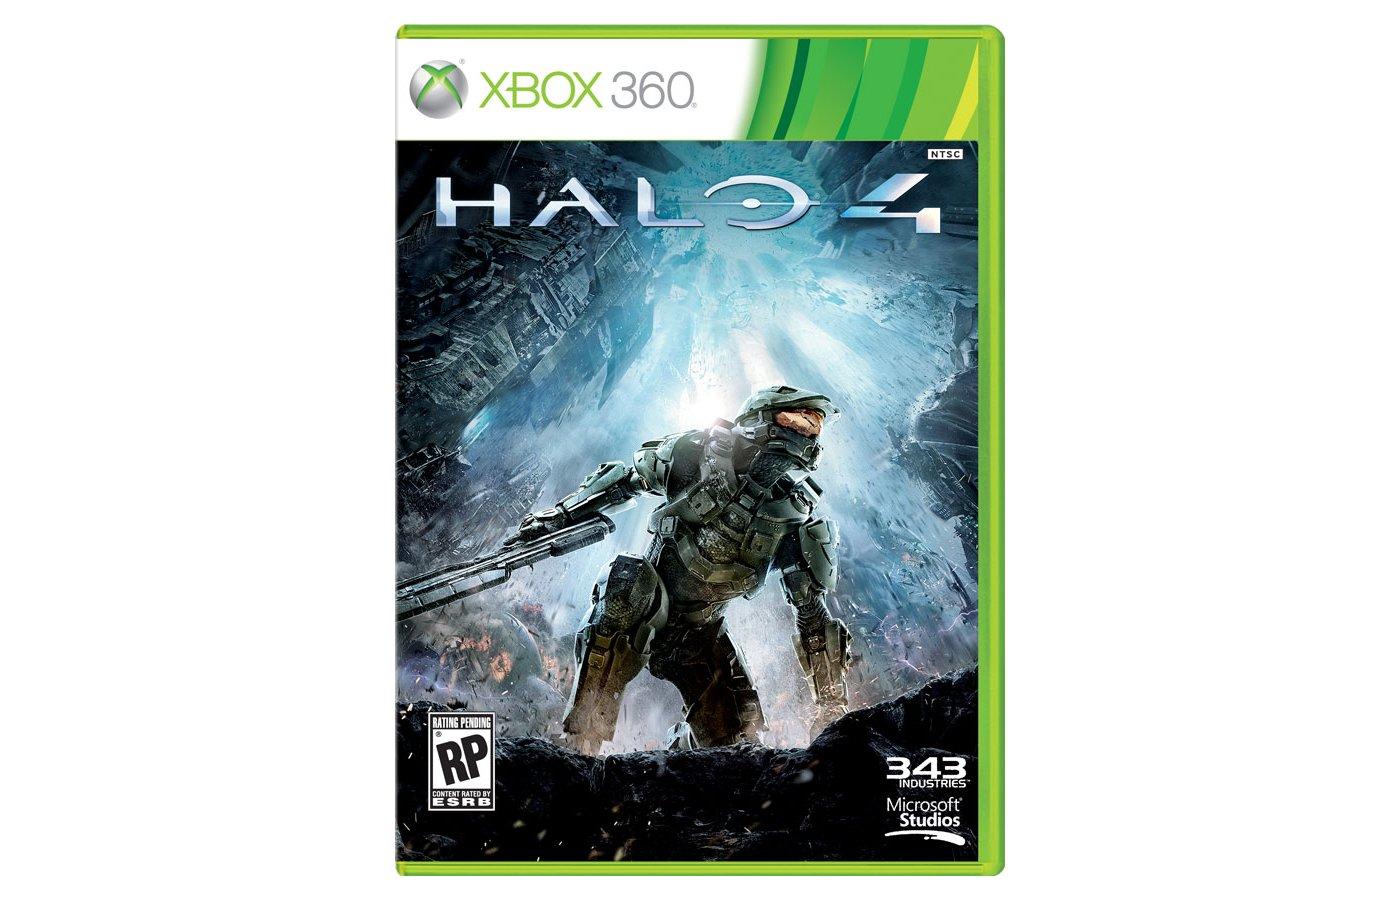 Halo 4 Xbox 360 русская версия (HND-00063)